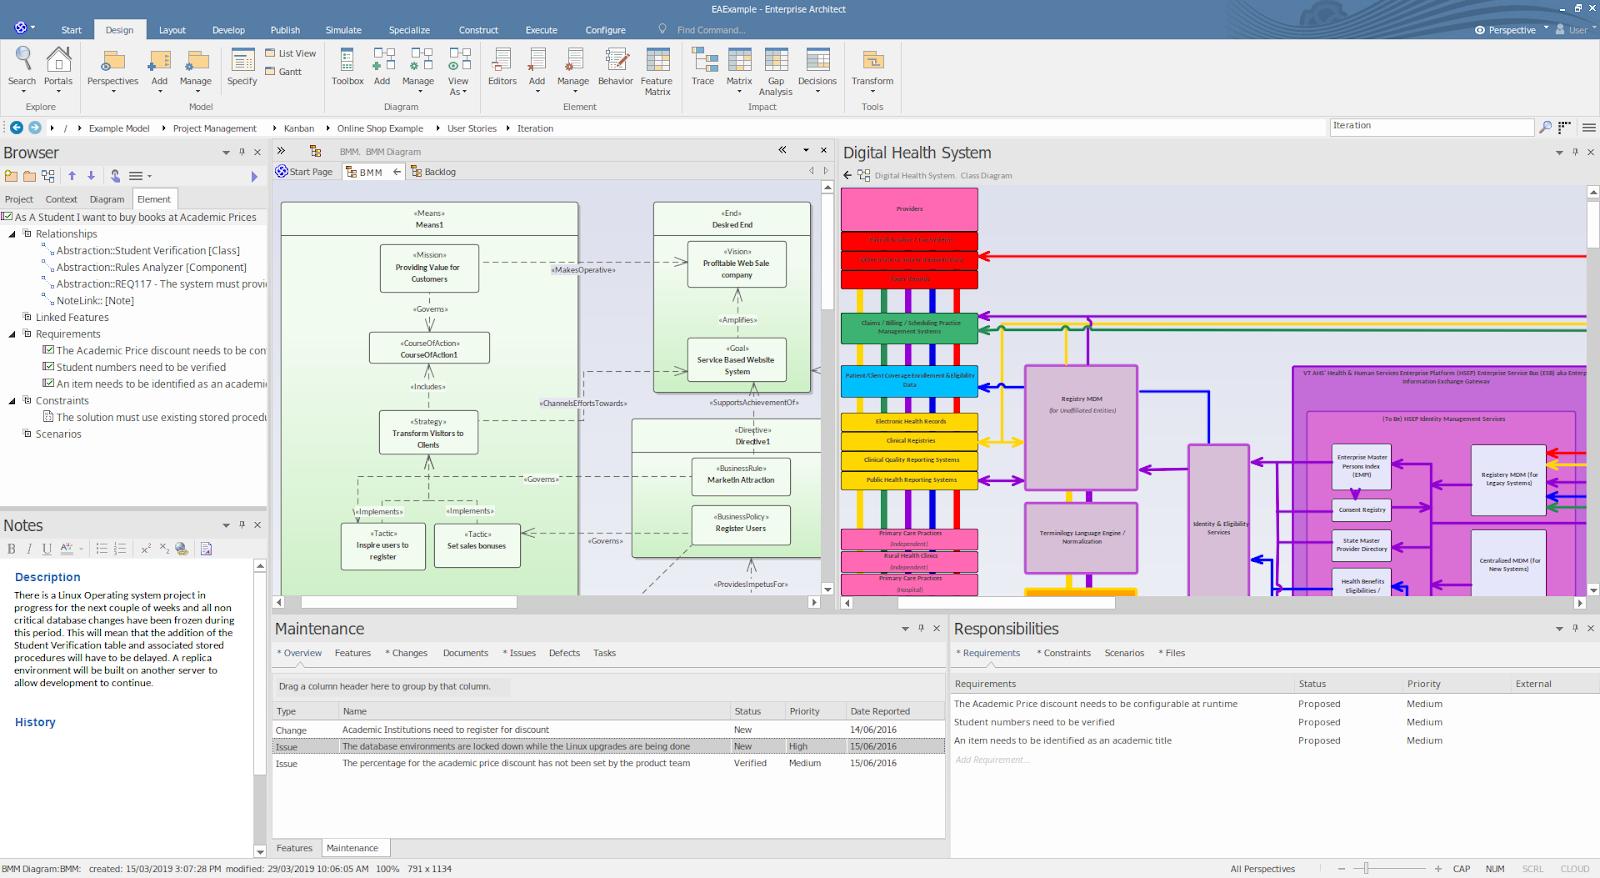 تحميل برنامج Enterprise Architect 15.1 Build 1529 للتصميم والنمذجة